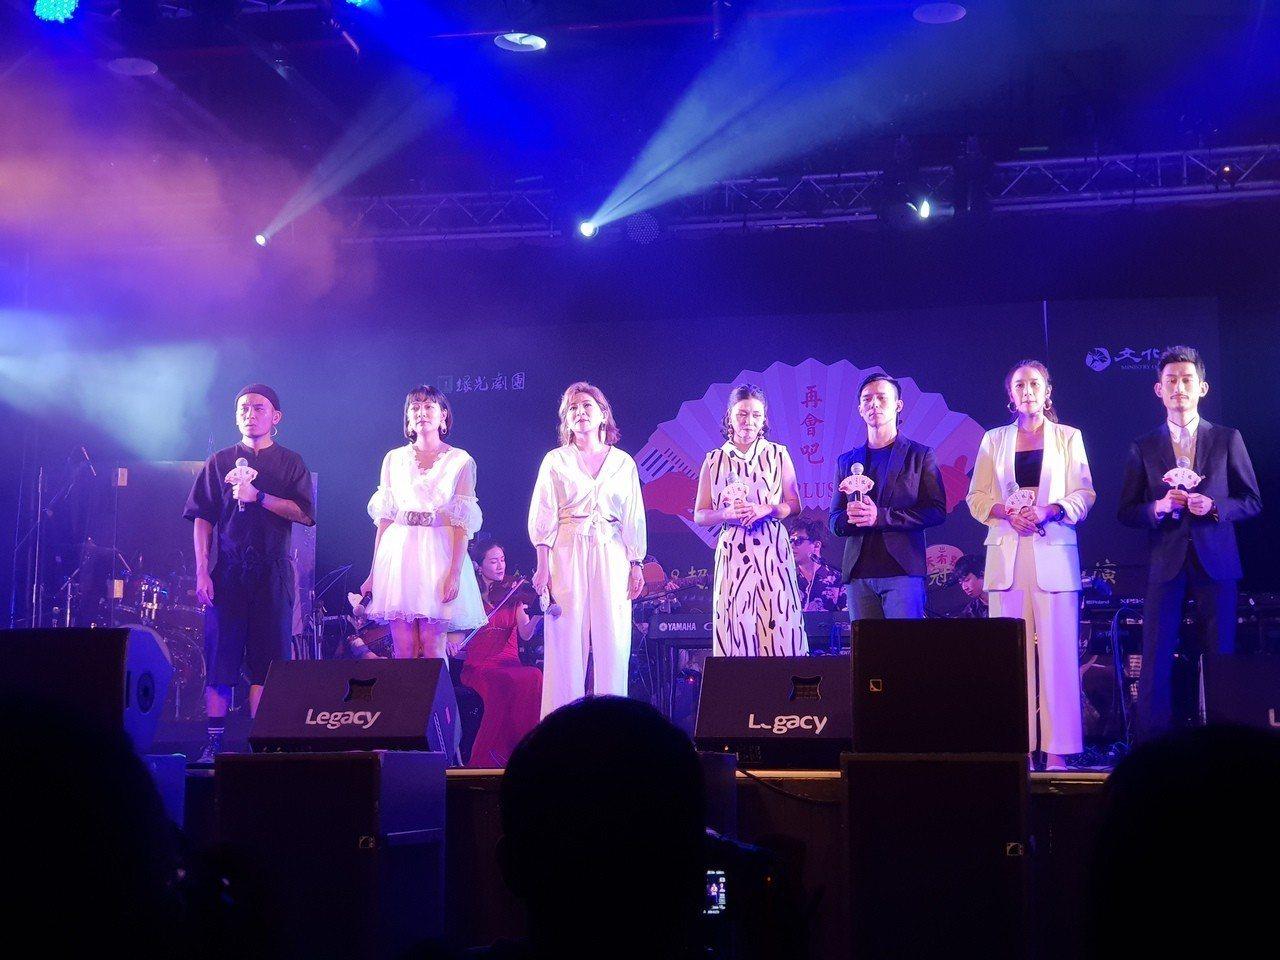 陳明章音樂劇「再會吧北投」舉辦原聲帶發表會,邀請福爾摩沙淡水走唱團與該劇主演楊大...